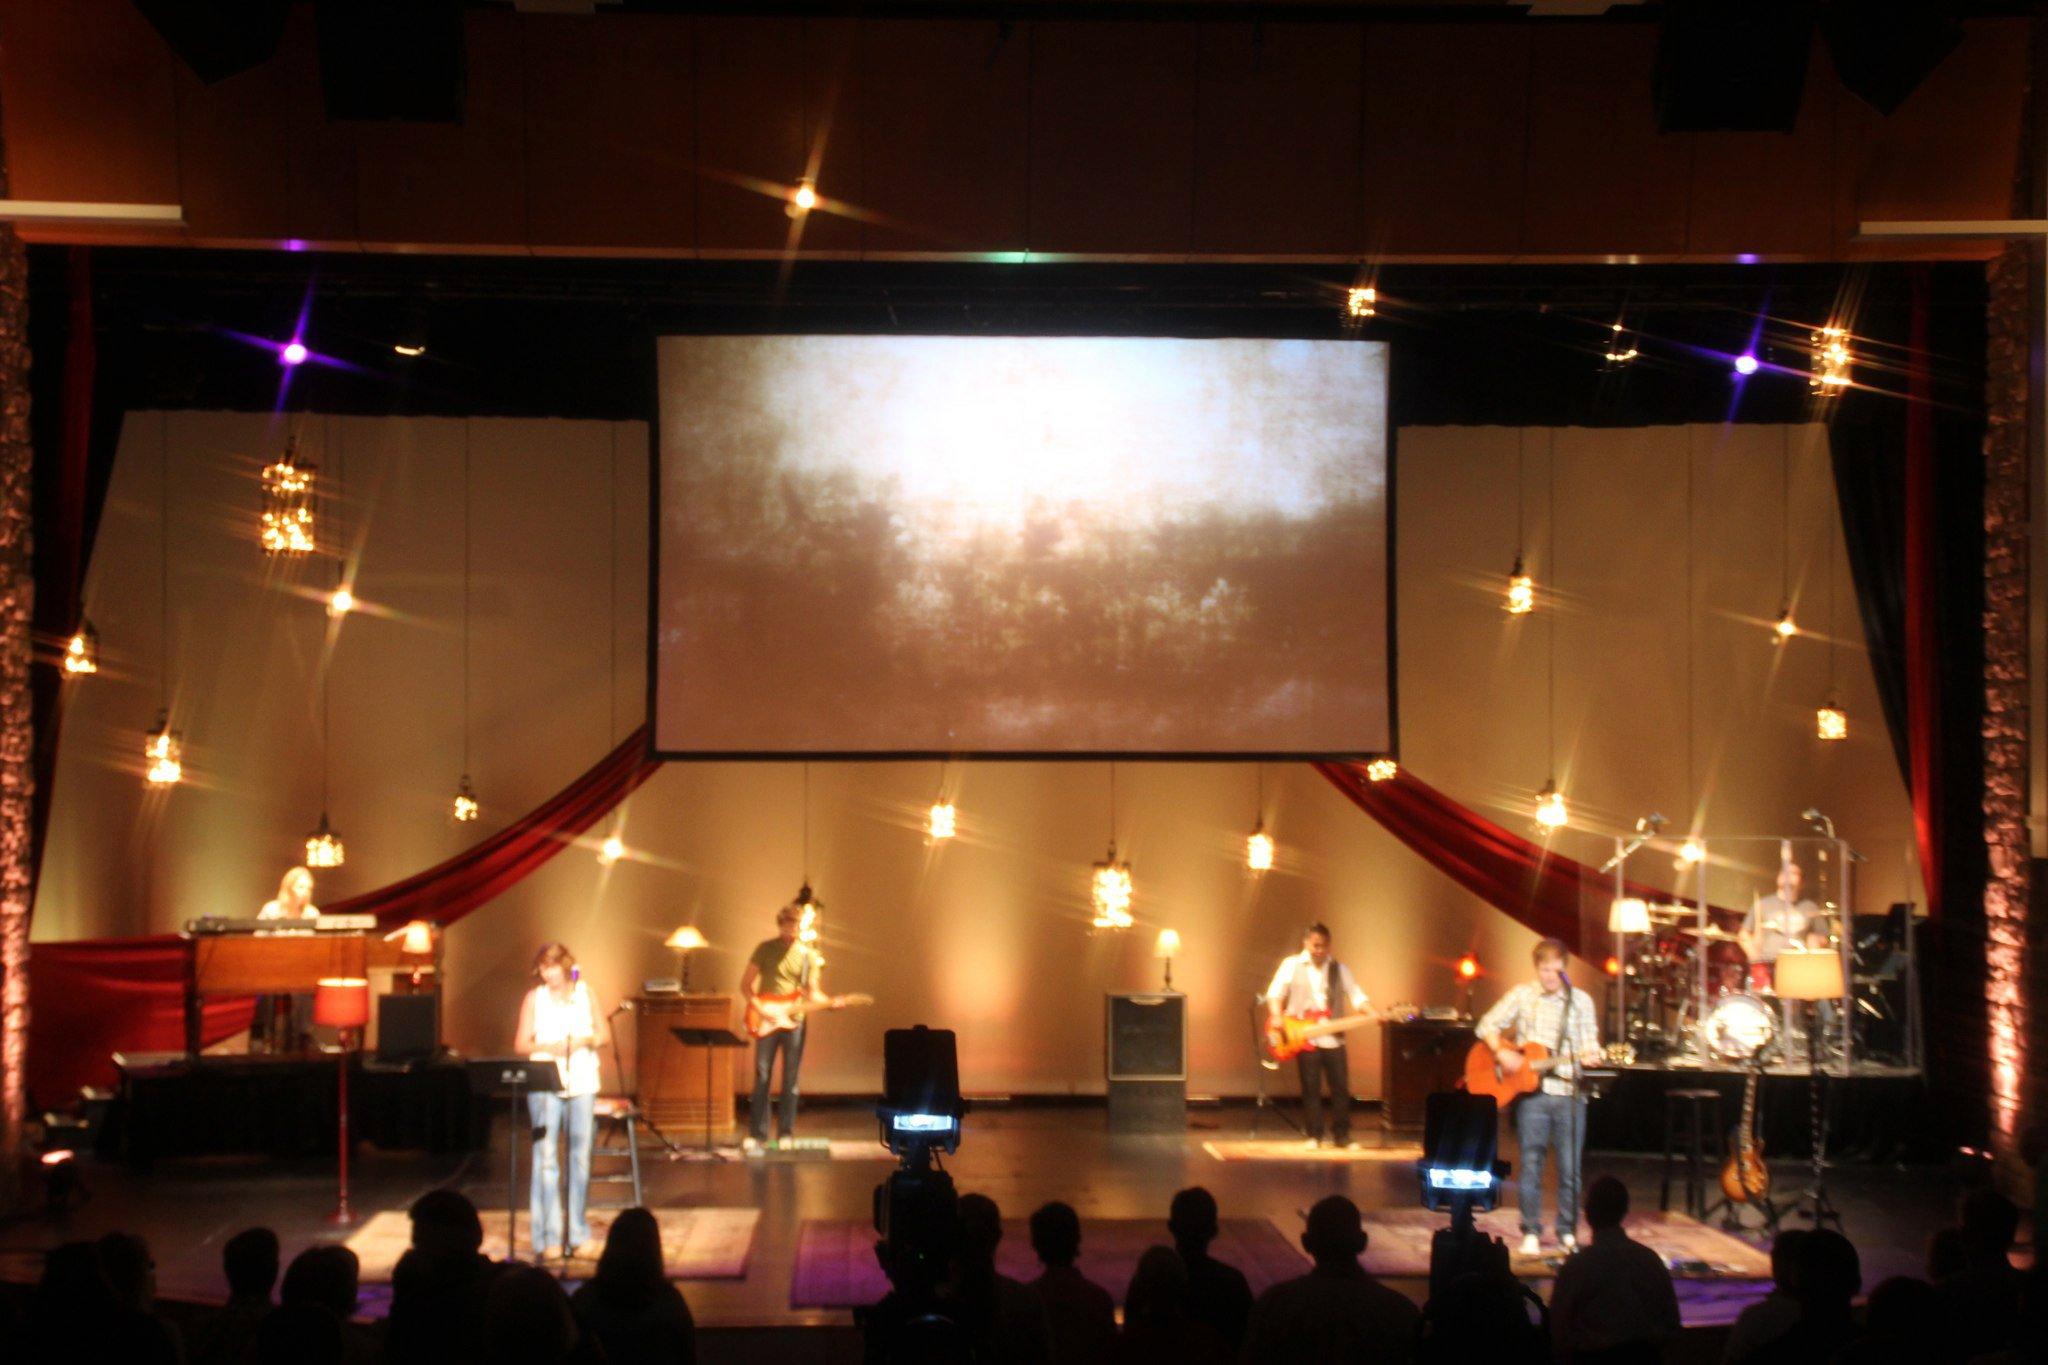 New Worship Center Stage Design  FaderFodder